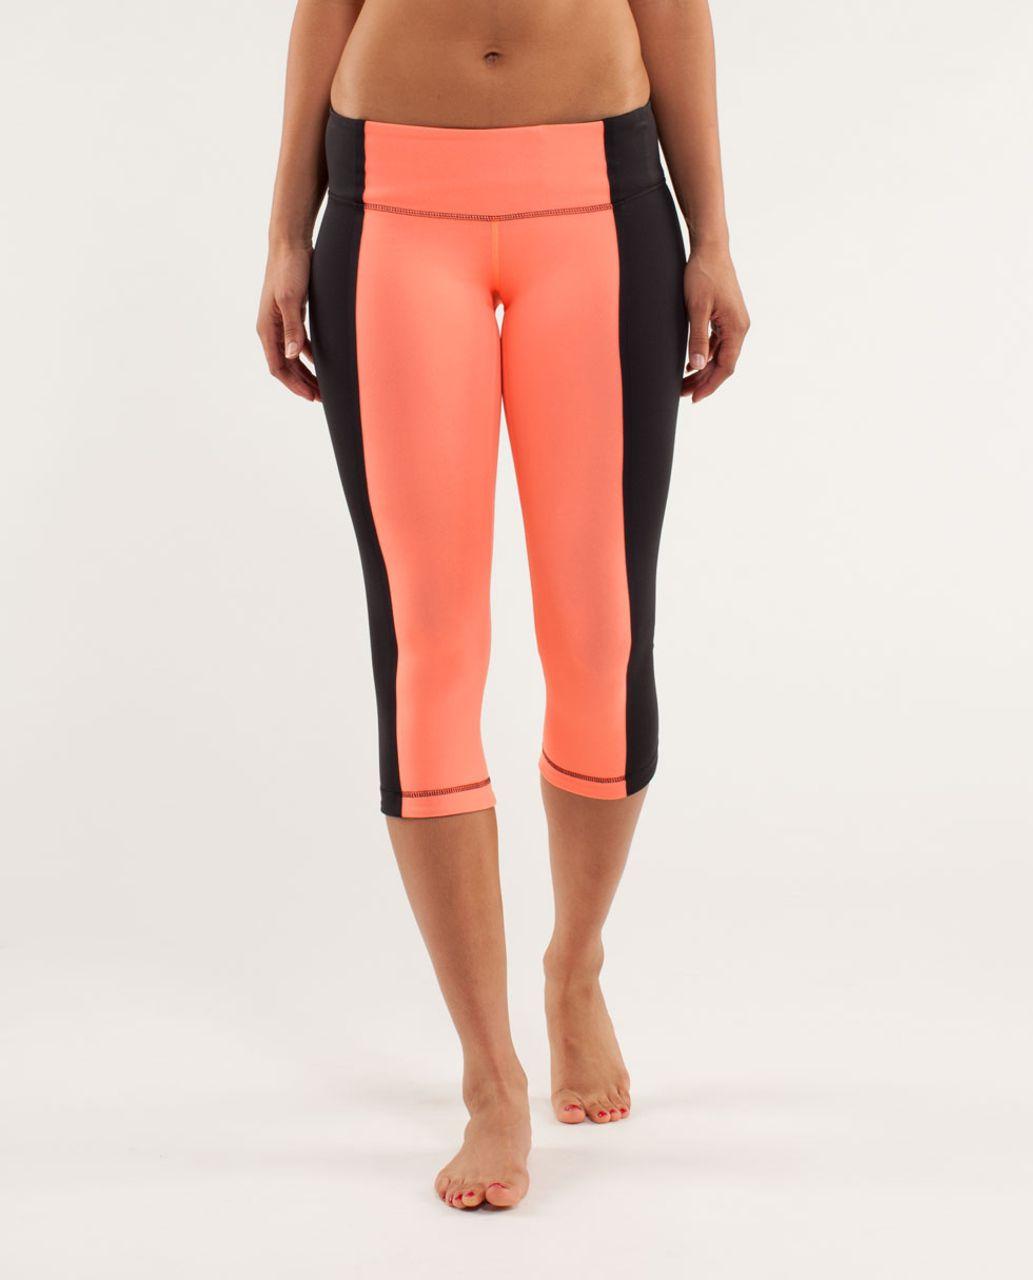 Lululemon Wunder Under Crop *Bonded Stripe - Black / Pop Orange / Black